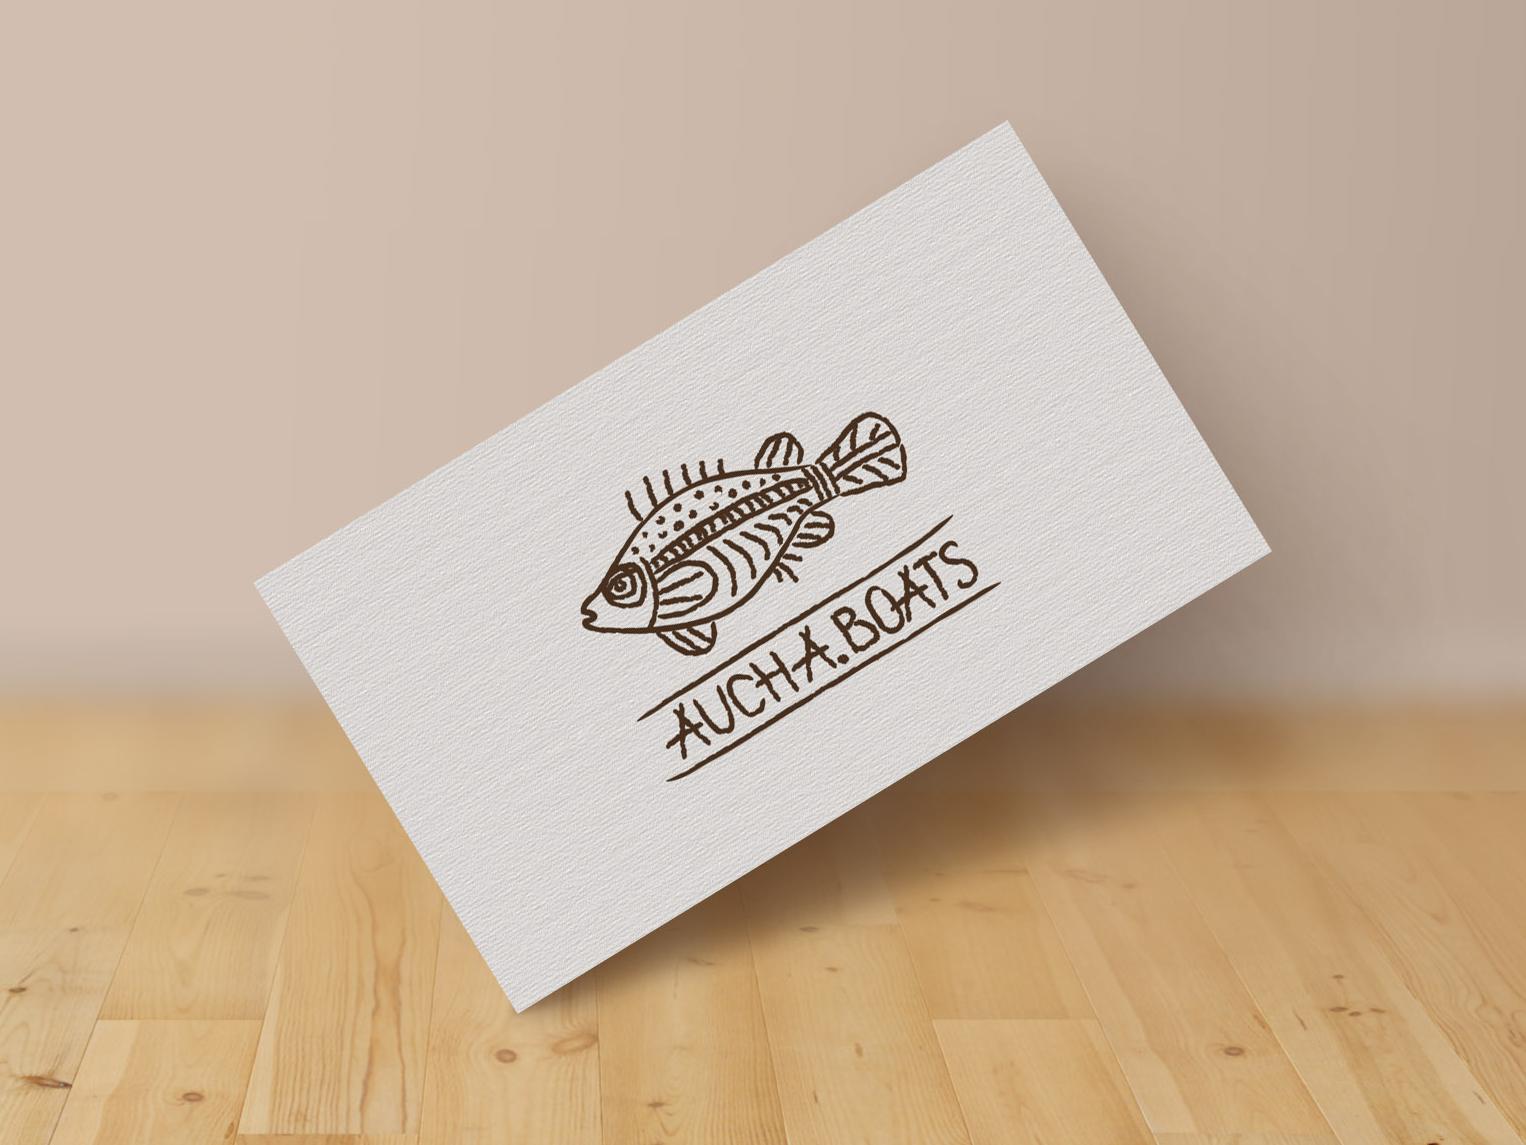 Логотип лого визитка печать логотип фирменный стиль разработка логотипа